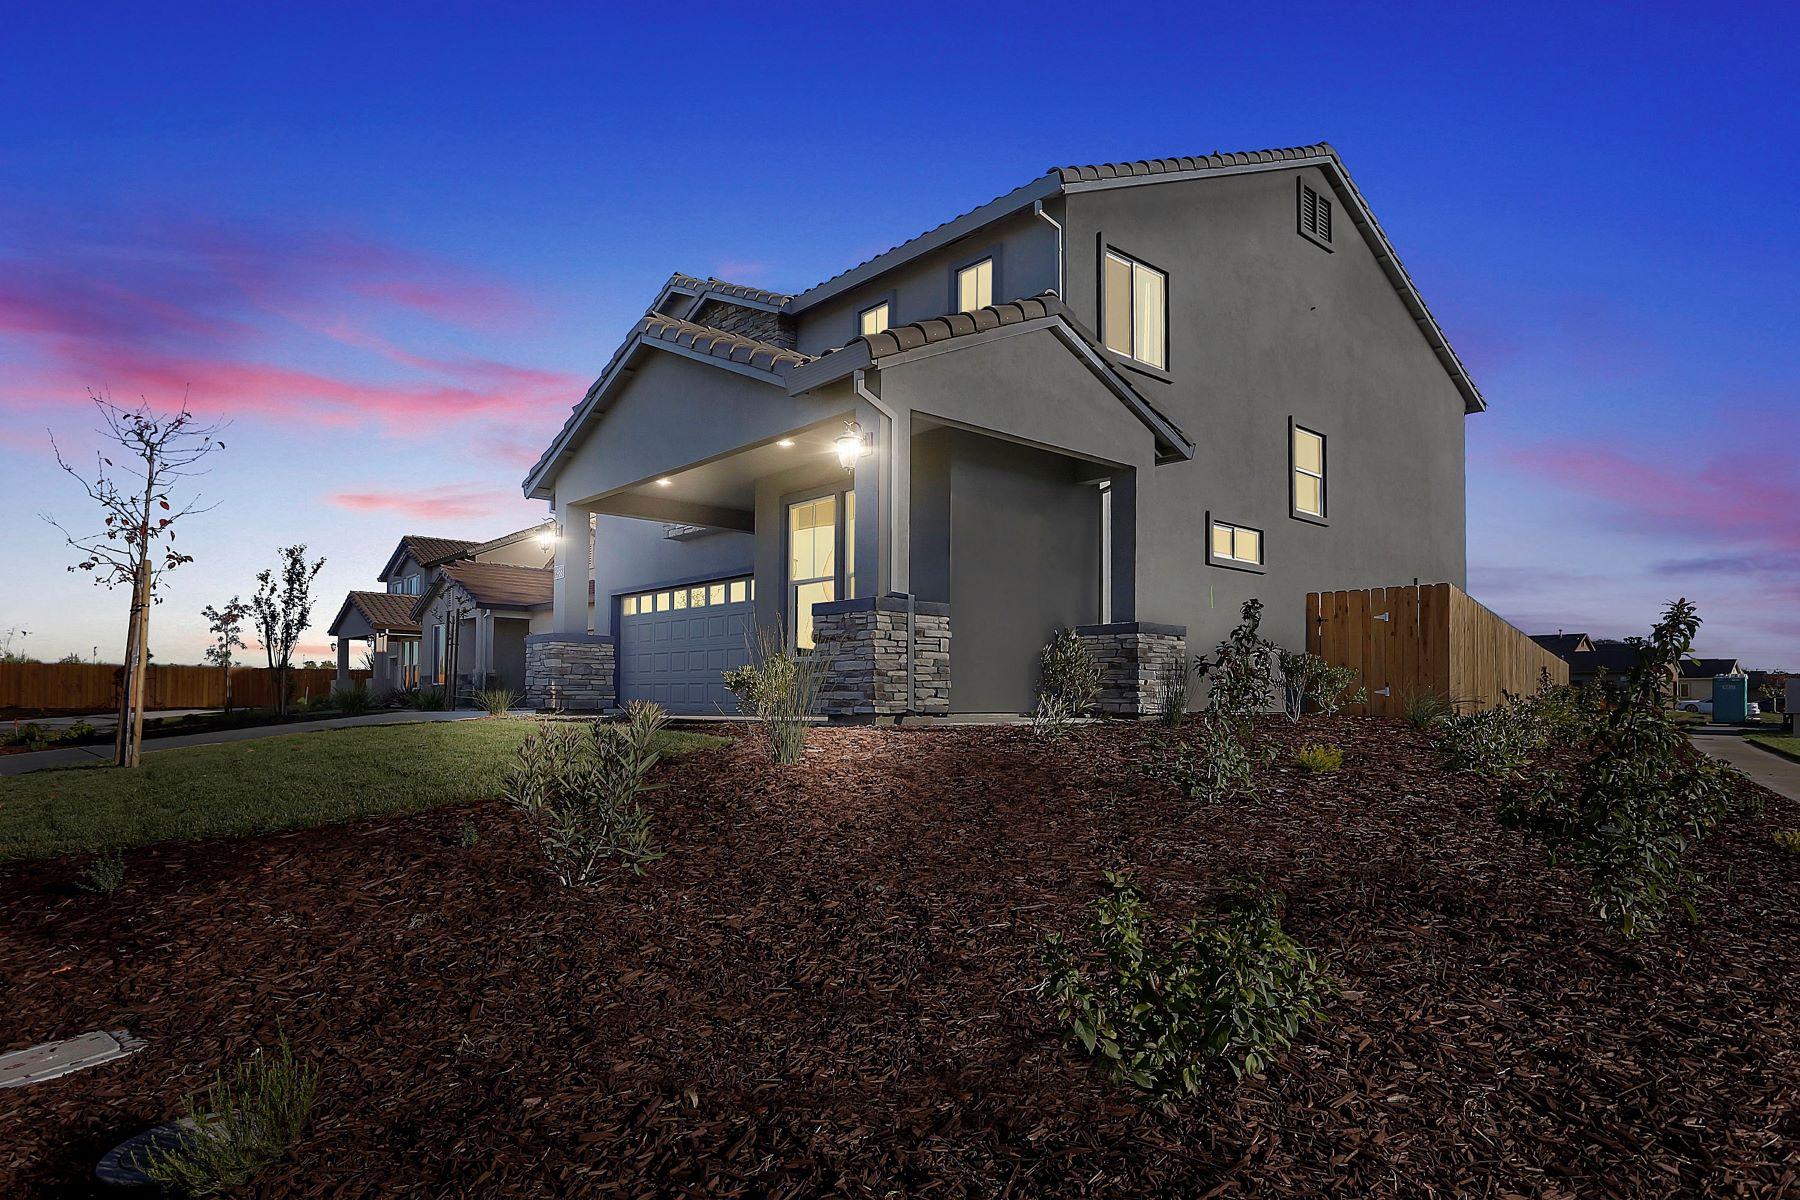 独户住宅 为 销售 在 1870 Old Oak Drive, Stockton 斯托克顿市, 加利福尼亚州, 95206 美国